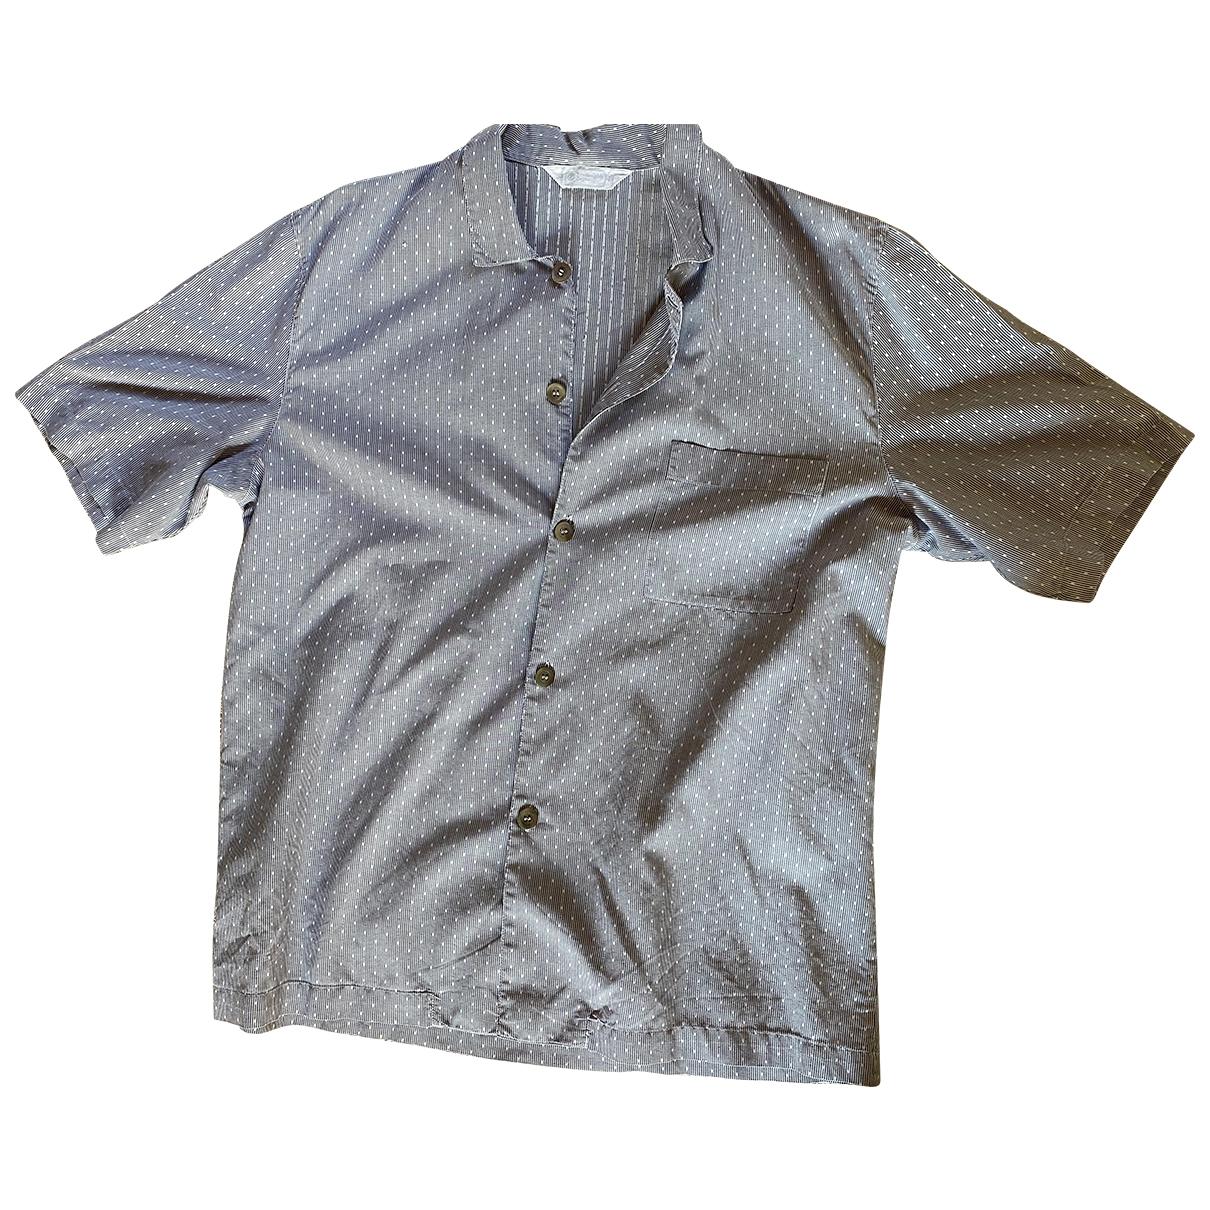 Ermenegildo Zegna \N Blue Cotton Shirts for Men 40 EU (tour de cou / collar)